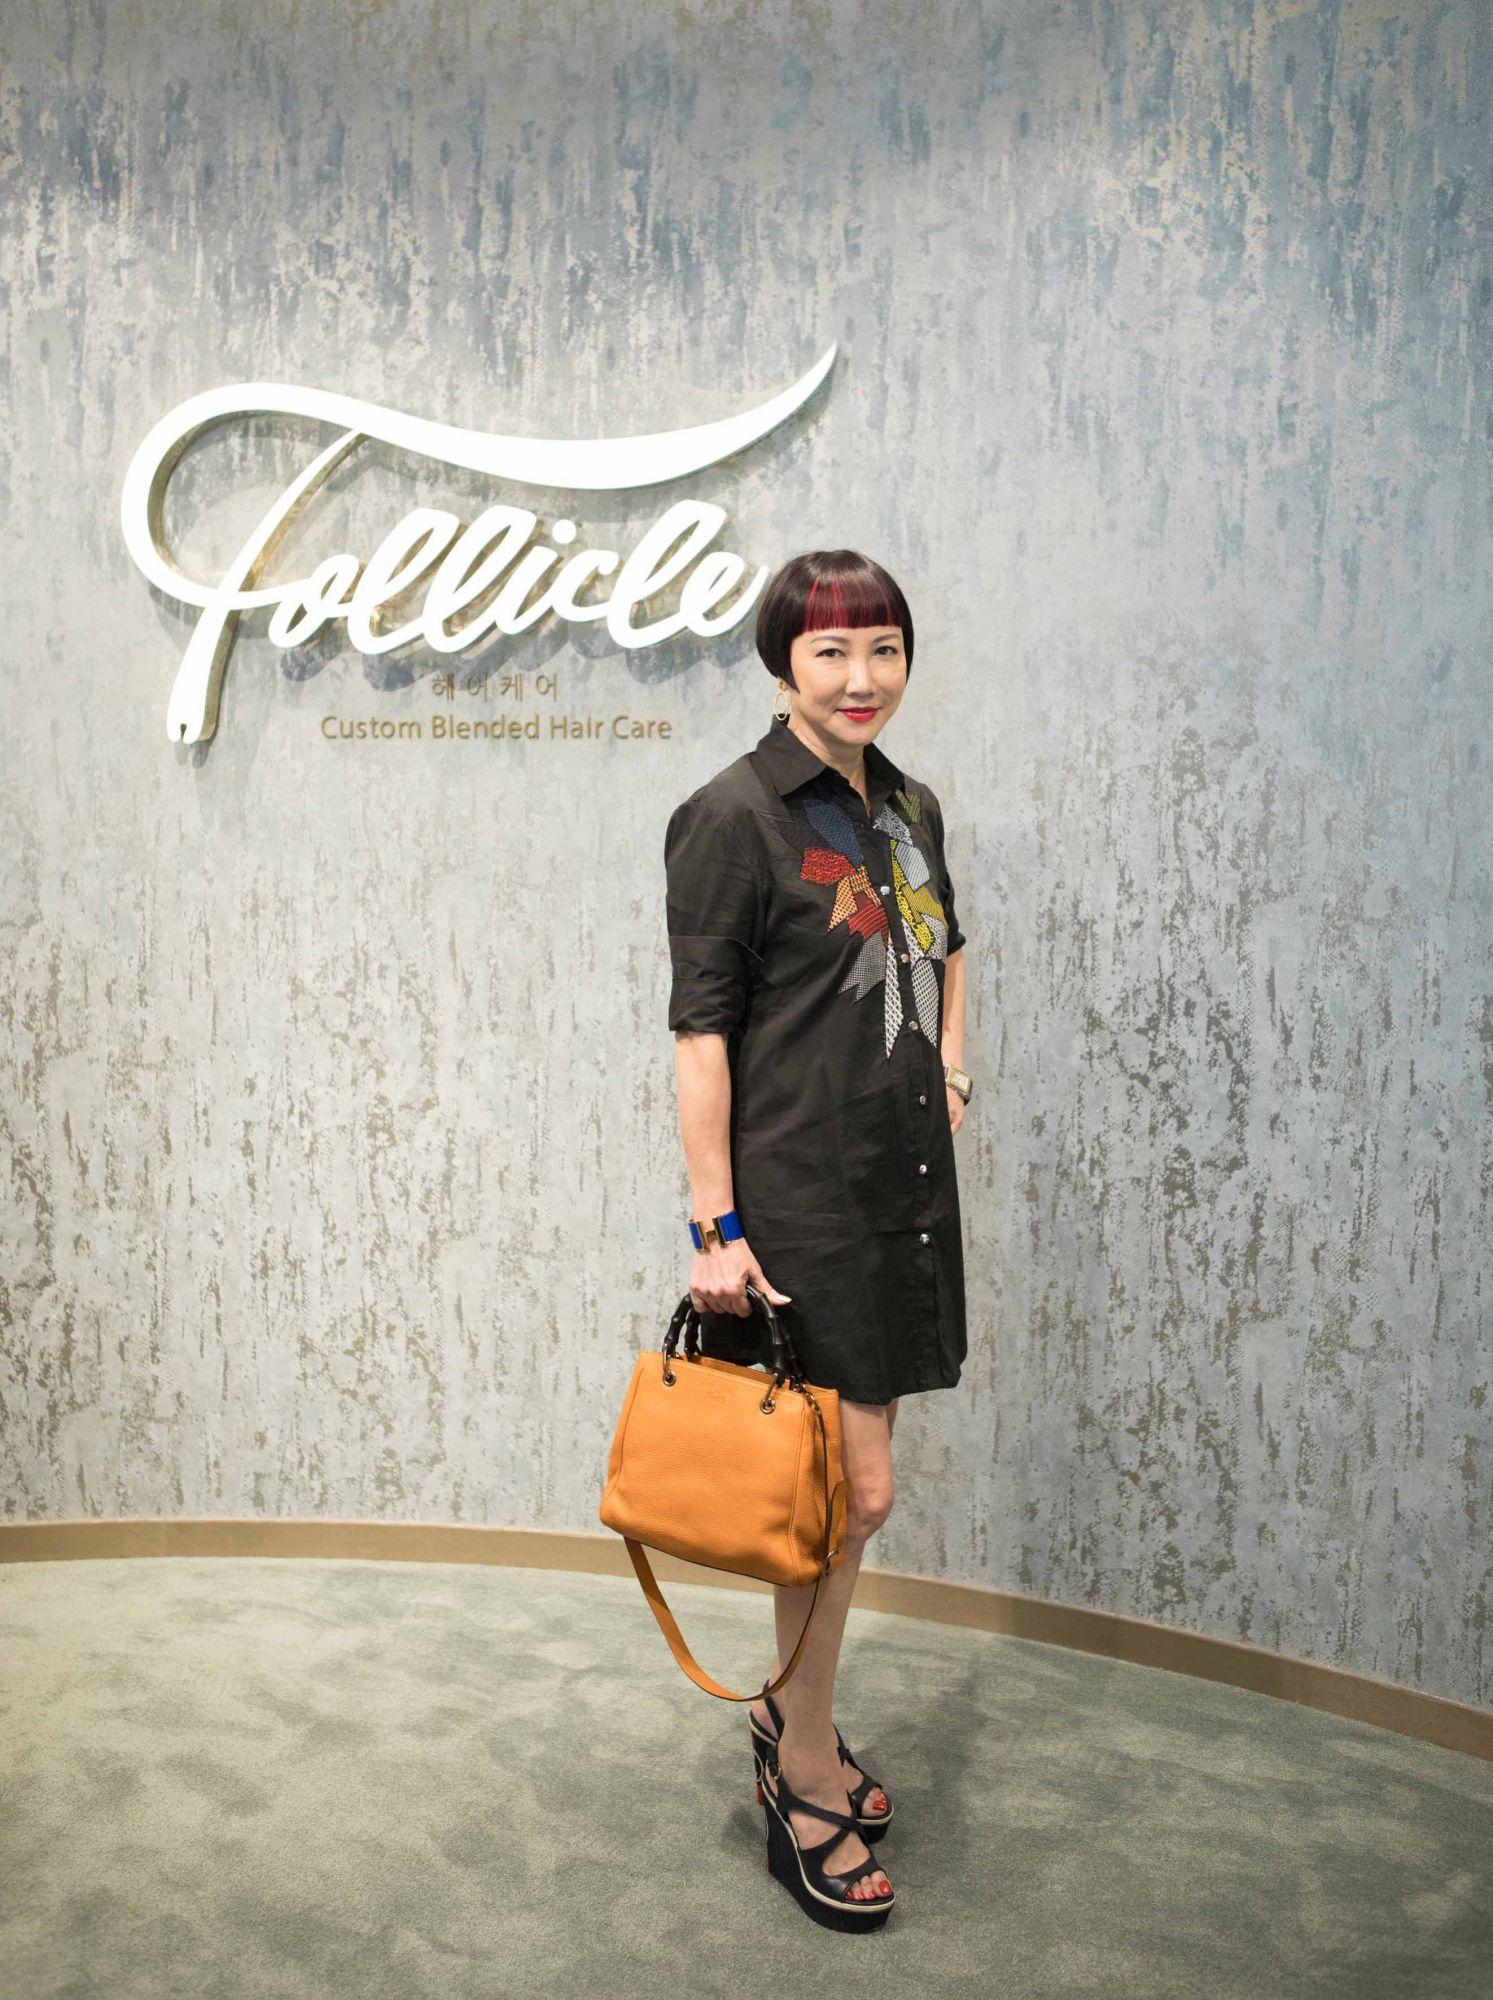 Frances Low